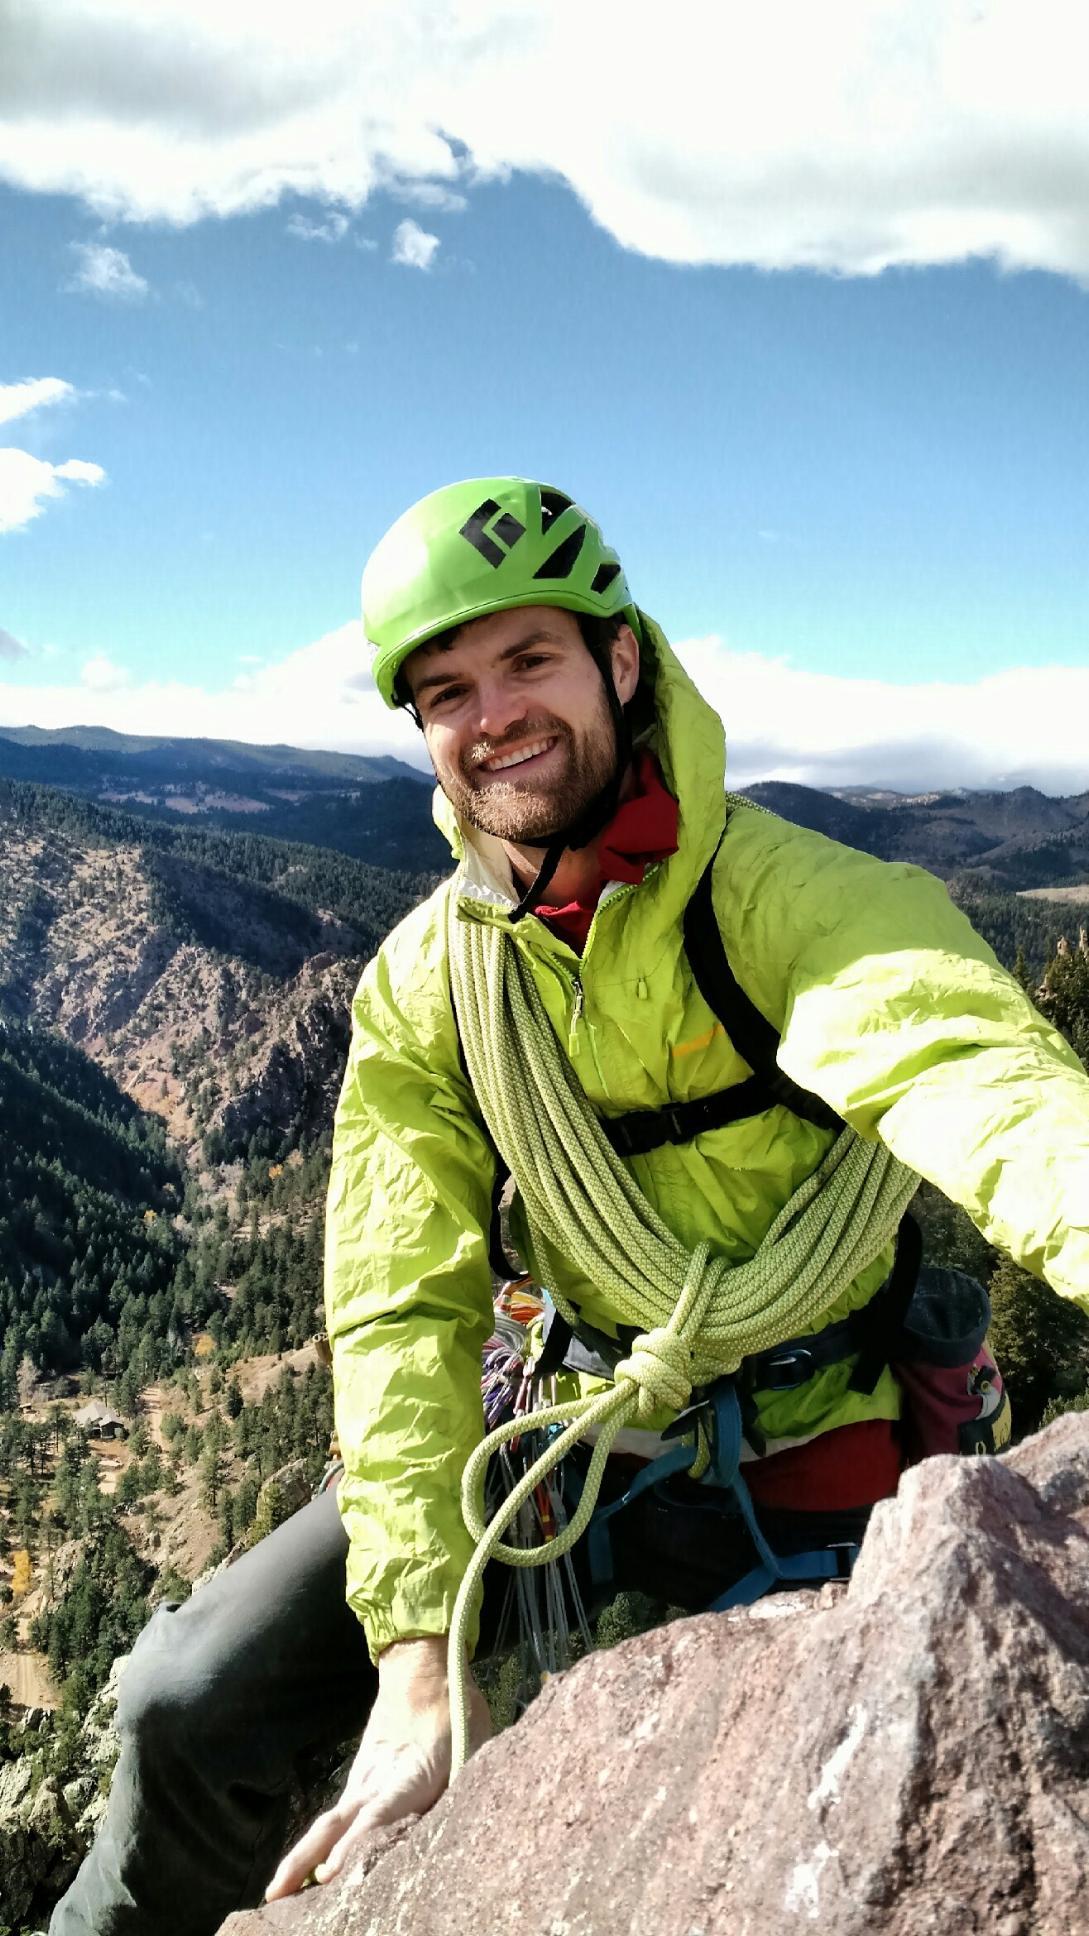 Dustin guiding at the top of the Yellow Spur in Eldorado Canyon, Colorado. Photo credit to Sarah O'Donoghue